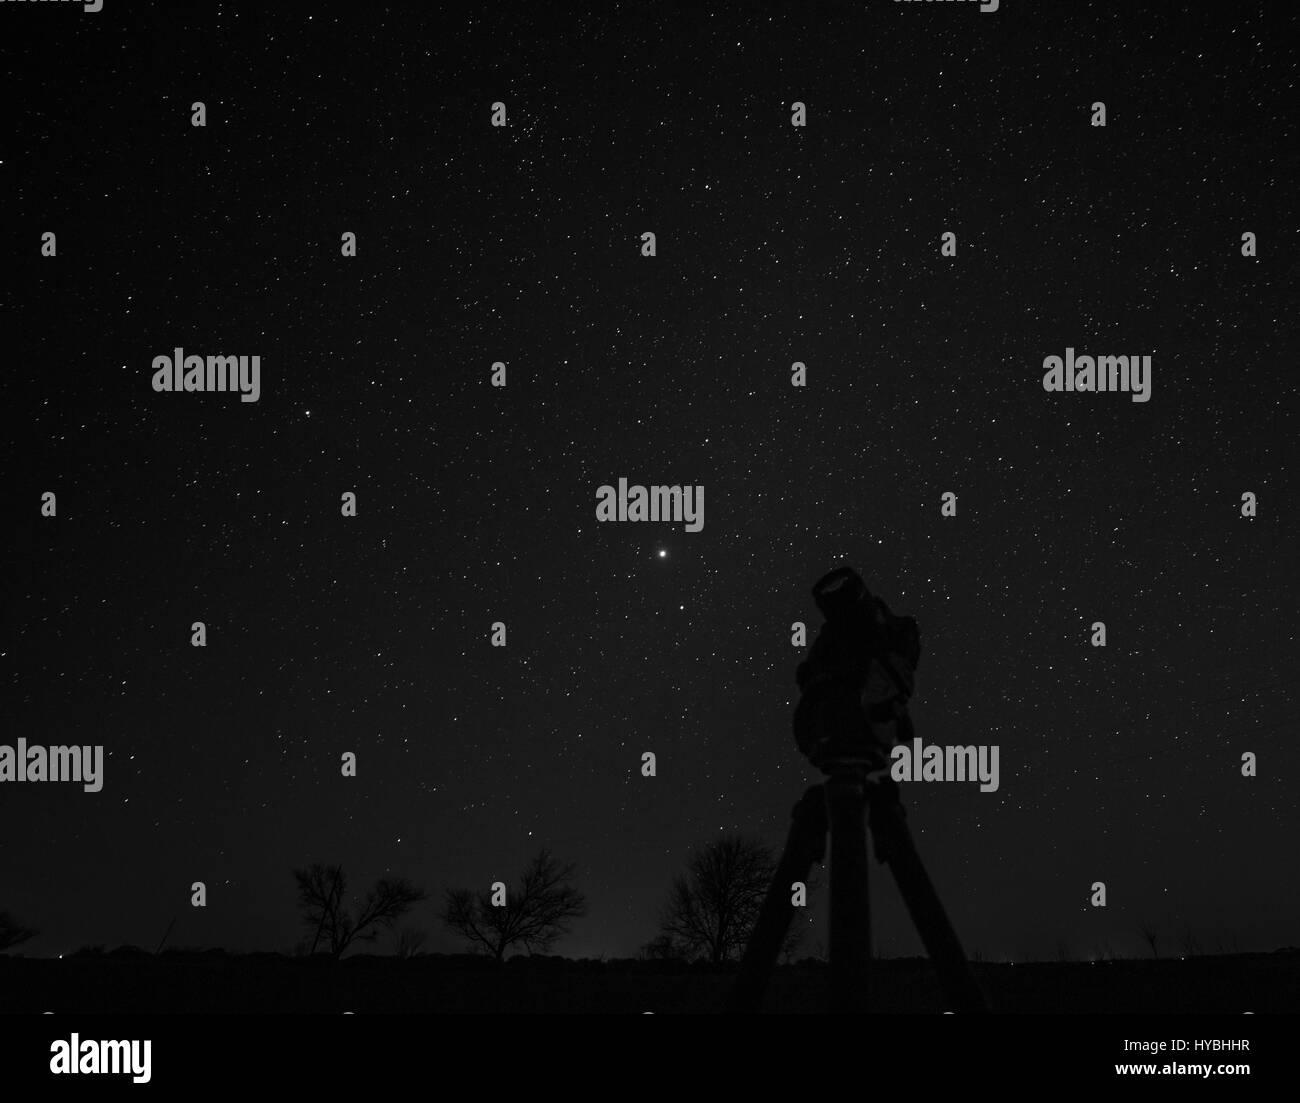 Camera Looking at Stars - Stock Image